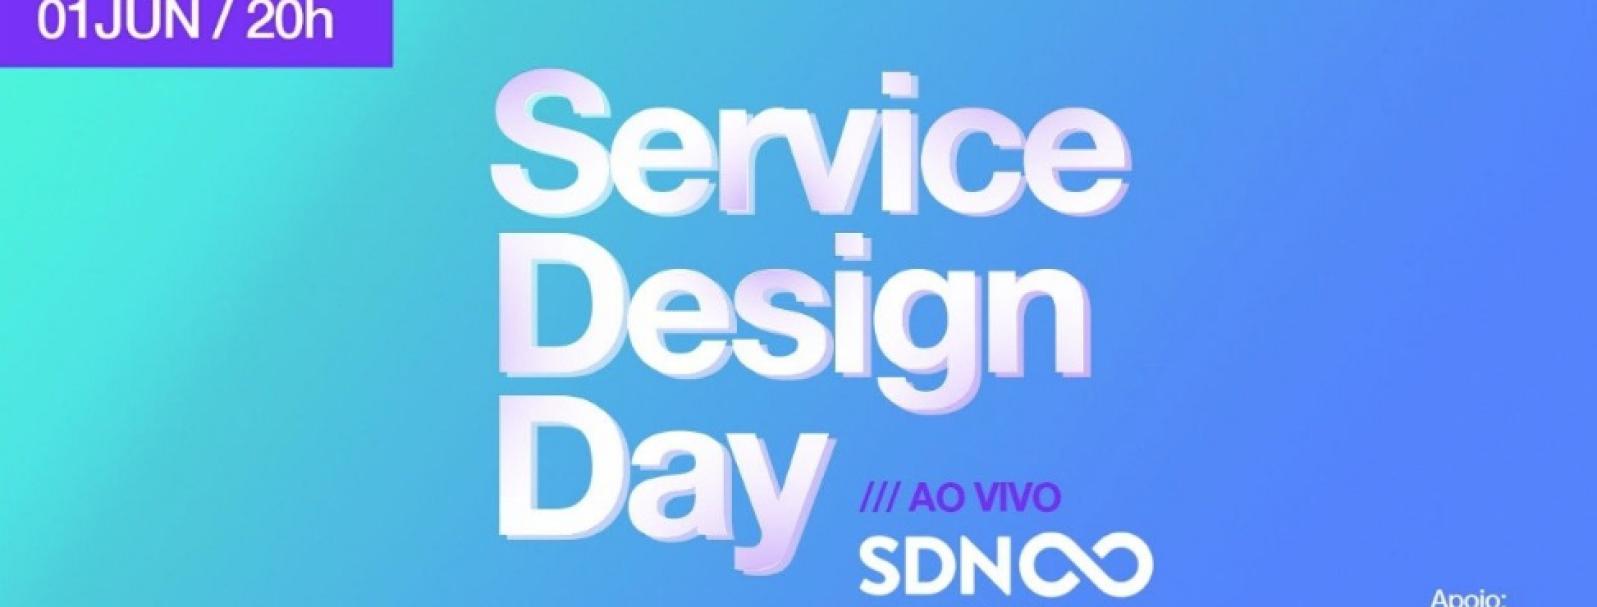 Service Design Day 2020 - SDN Brazil